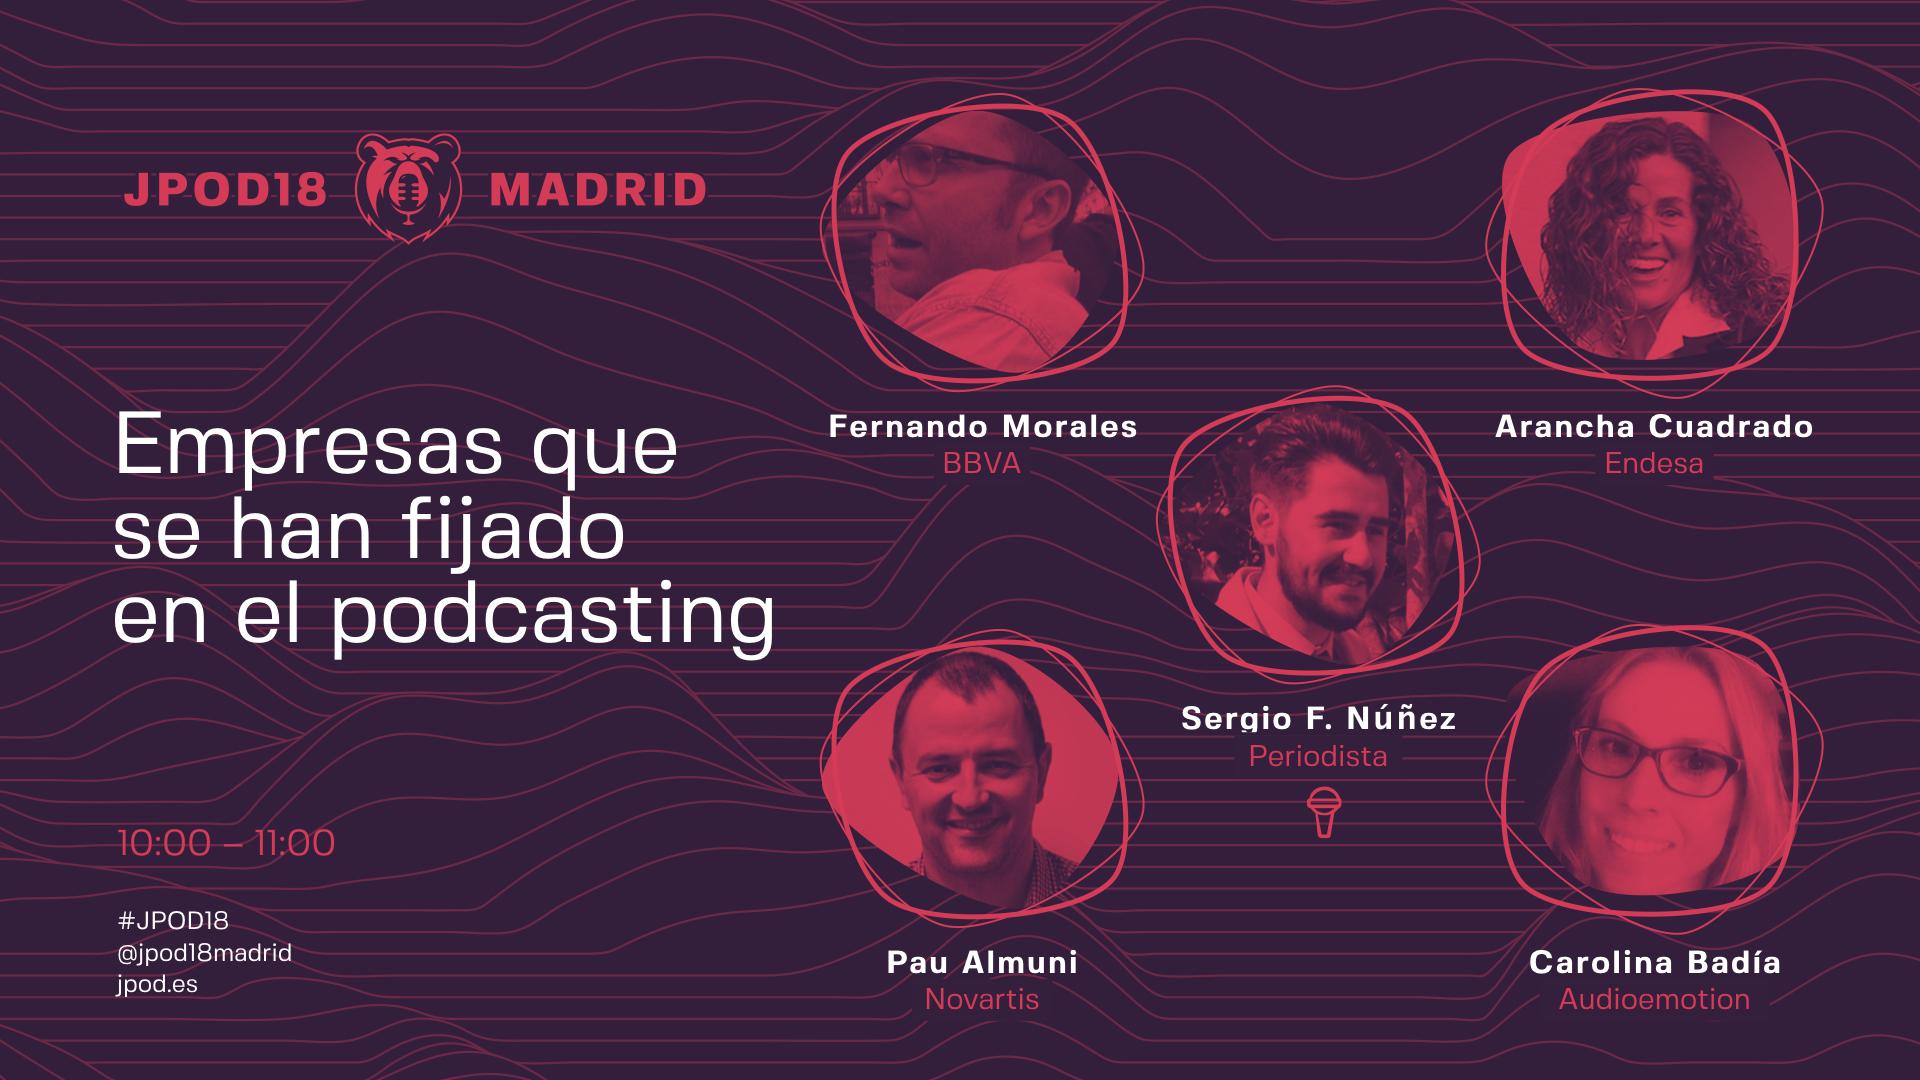 Empresas que se han fijado en el podcasting